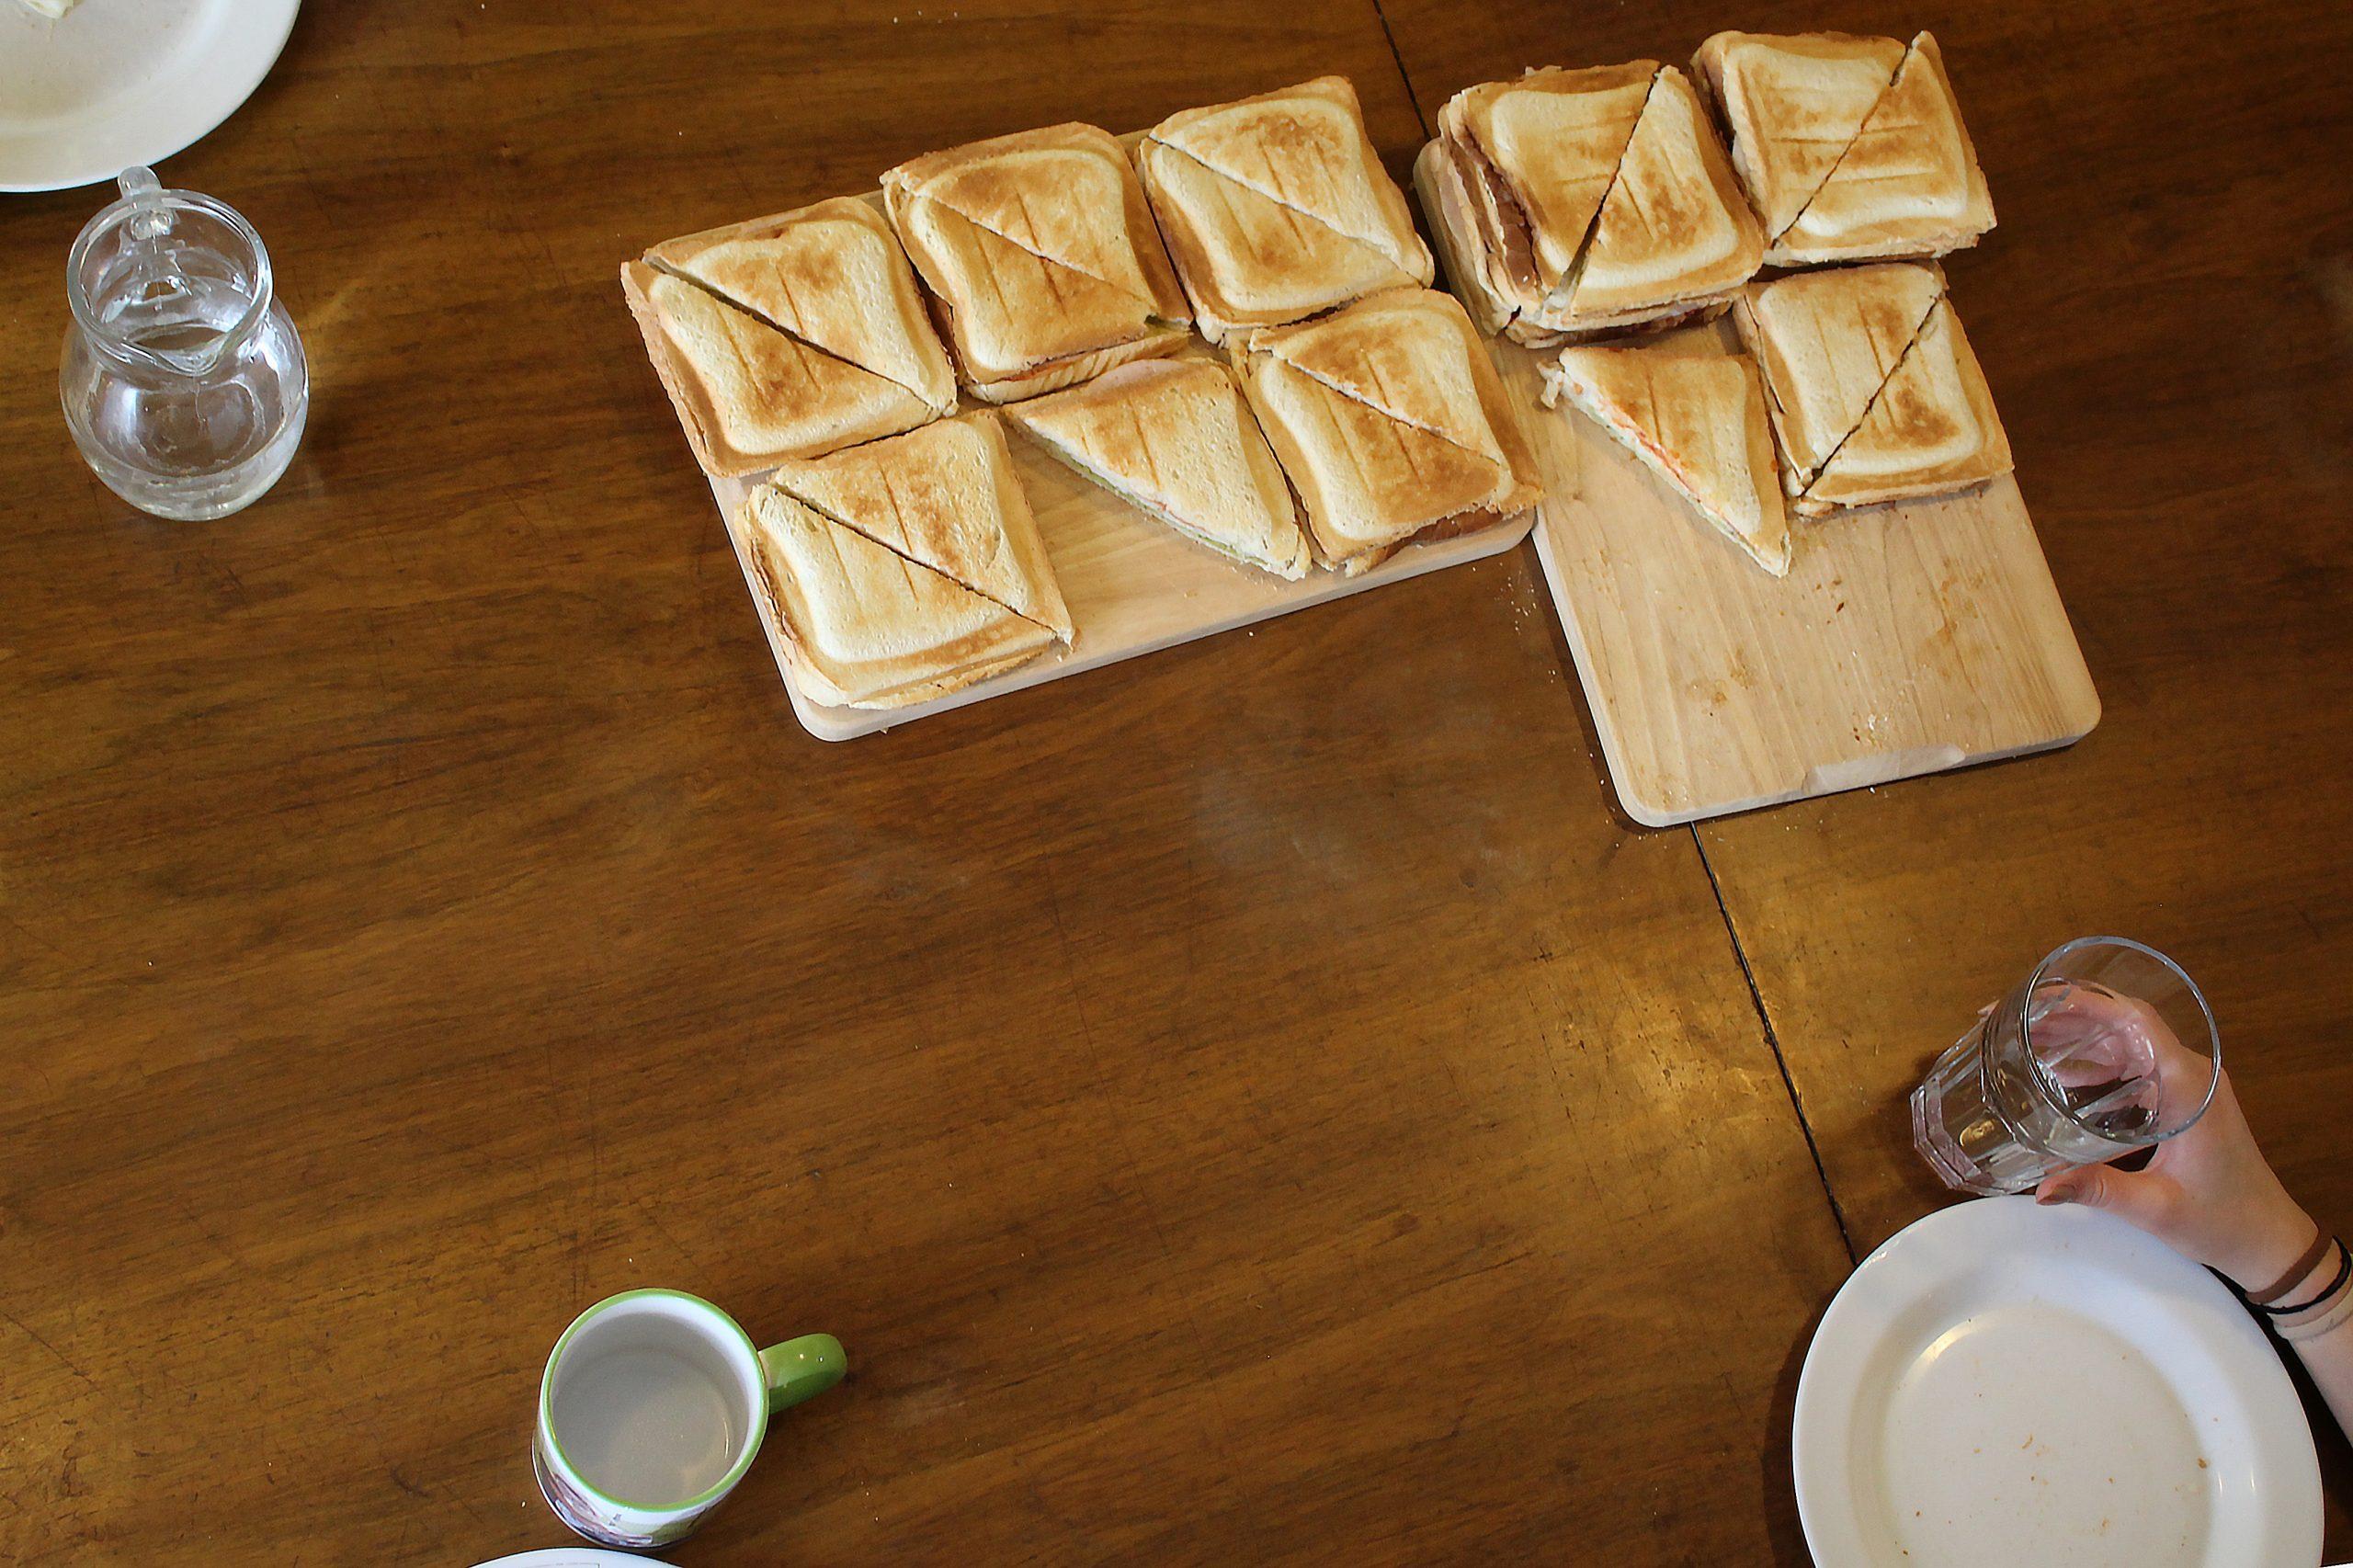 Sandwiches liegen auf zwei Holzplatten auf einem Tisch